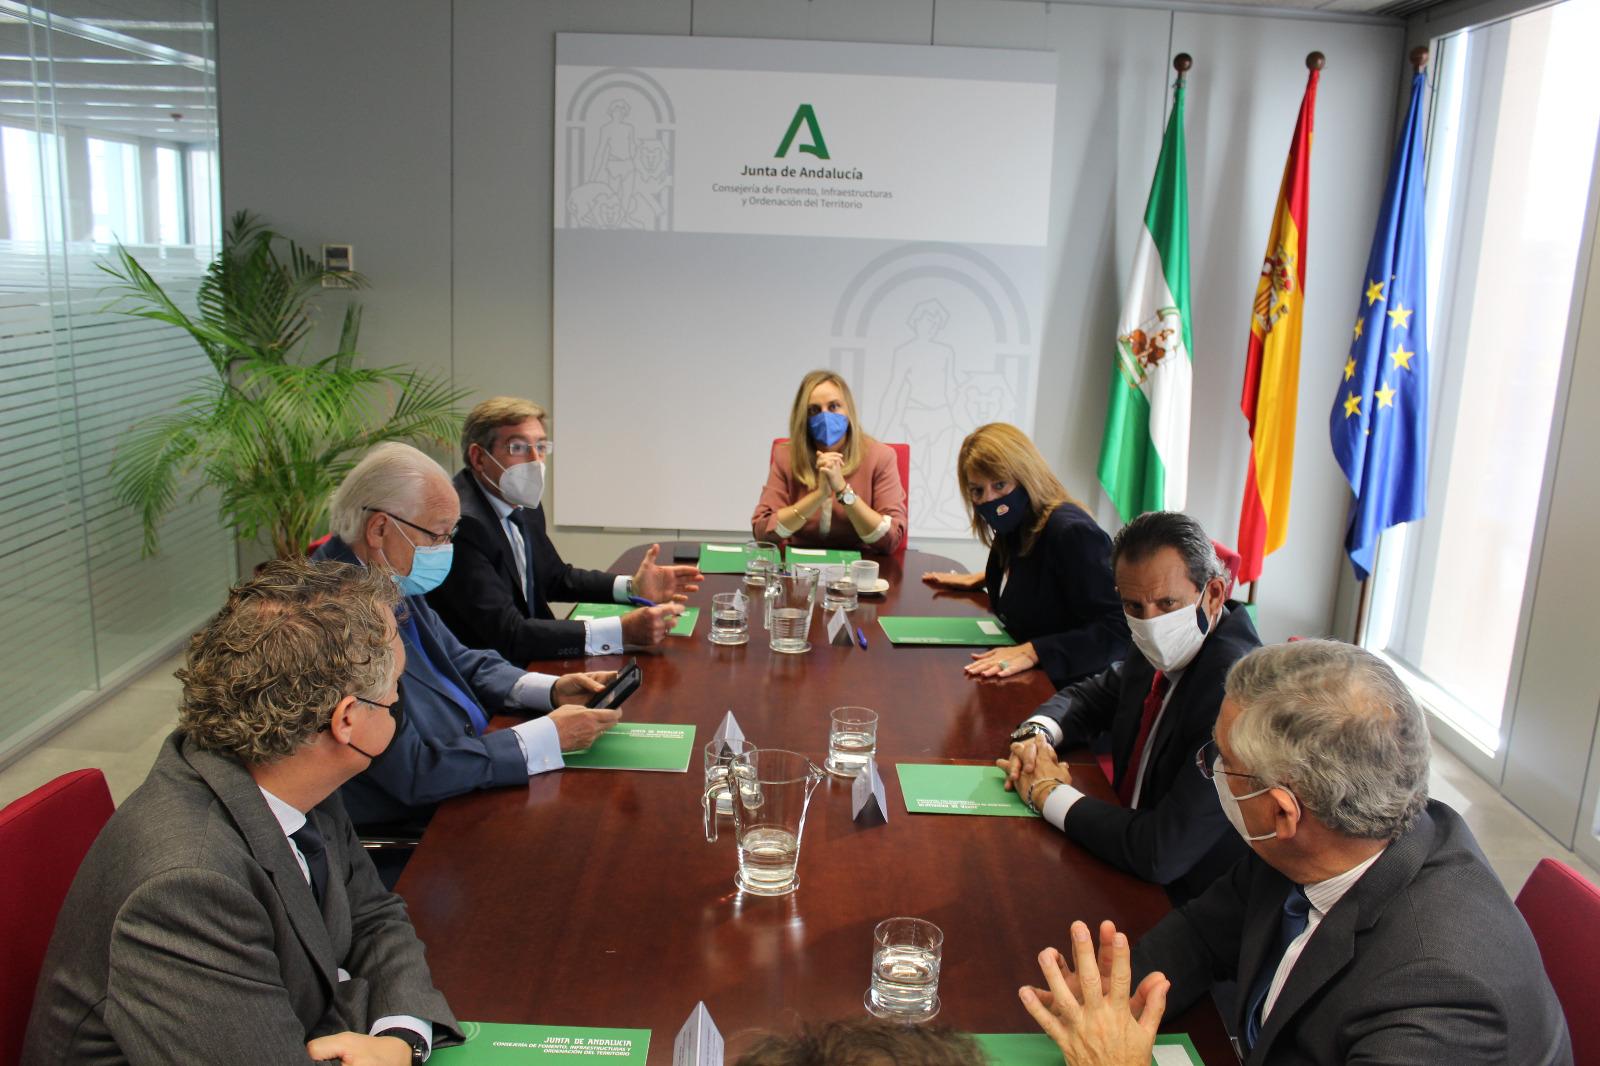 Los puertos de Huelva y Sevilla, integrados en la Red Logística de Andalucía